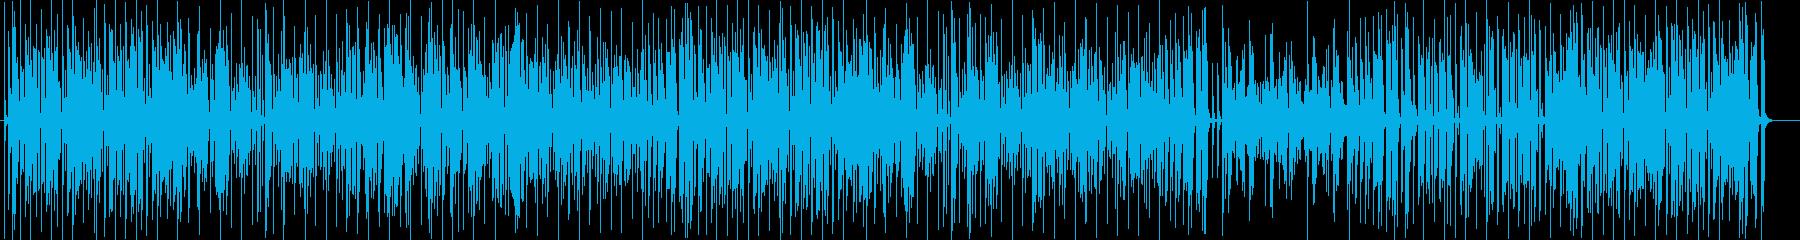 のんびりとしたリズムが心地よいジャズの再生済みの波形